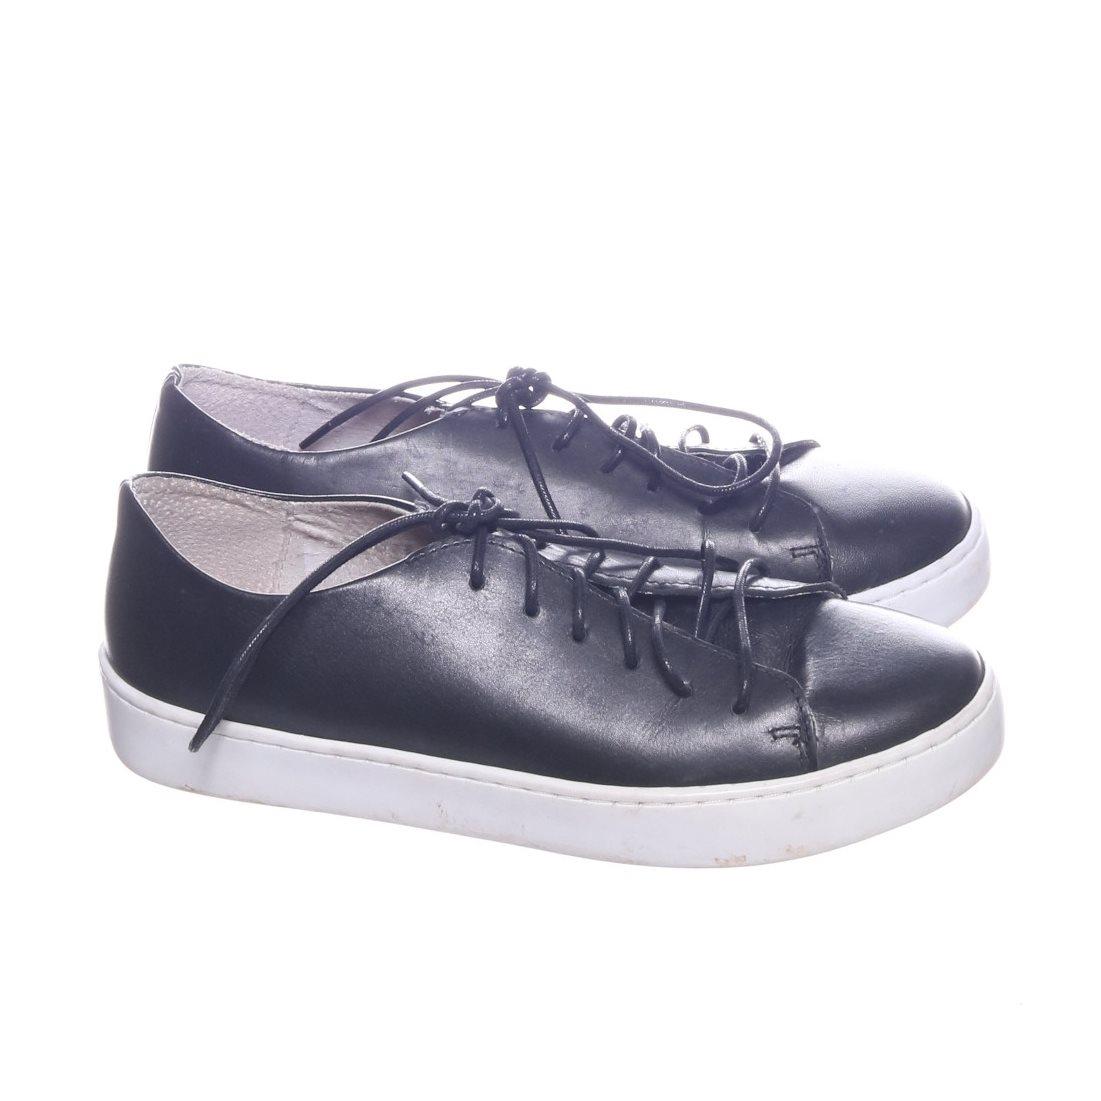 Sixtyseven, Sneakers, Strl: 37, SvartVit, Skinn